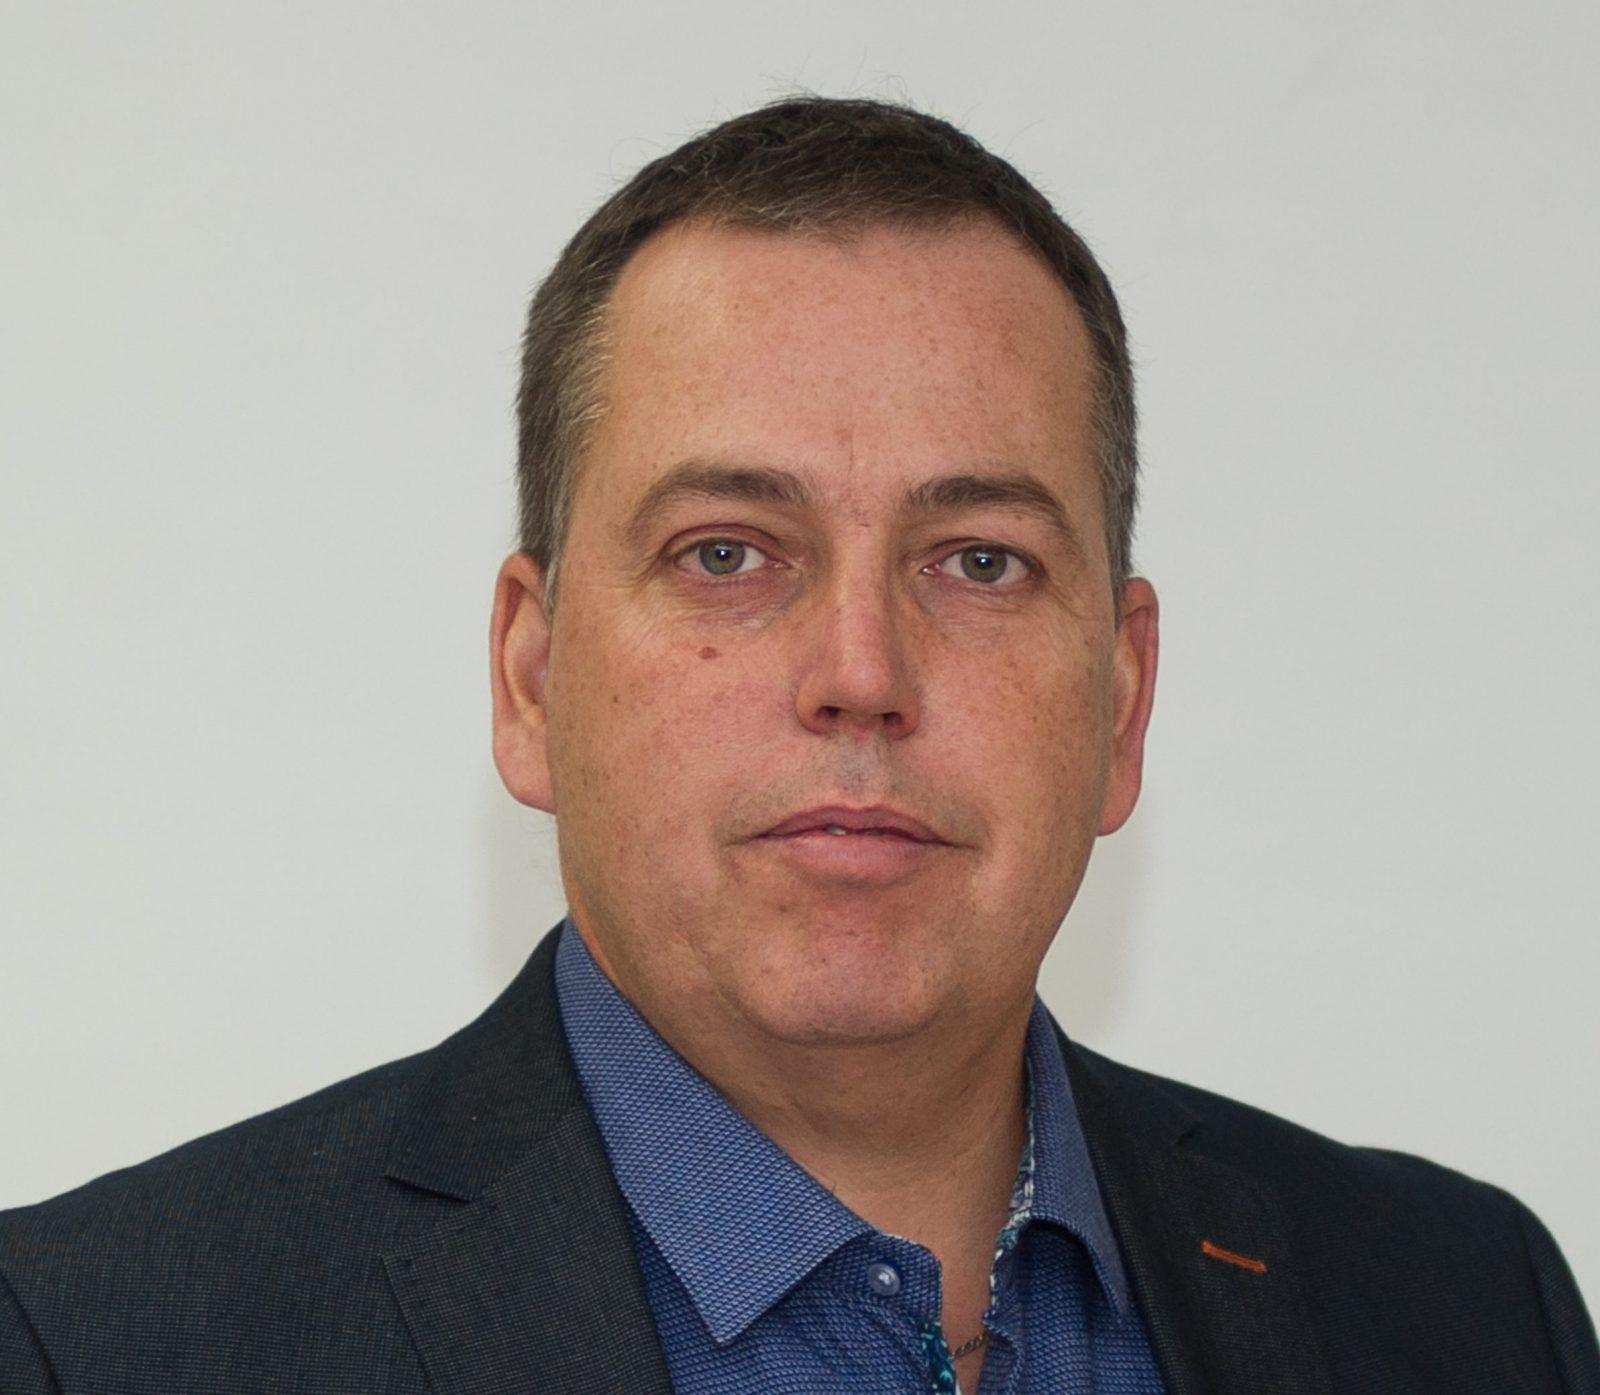 Stéphane Dionne vise un deuxième mandat dans la paroisse de NDBC